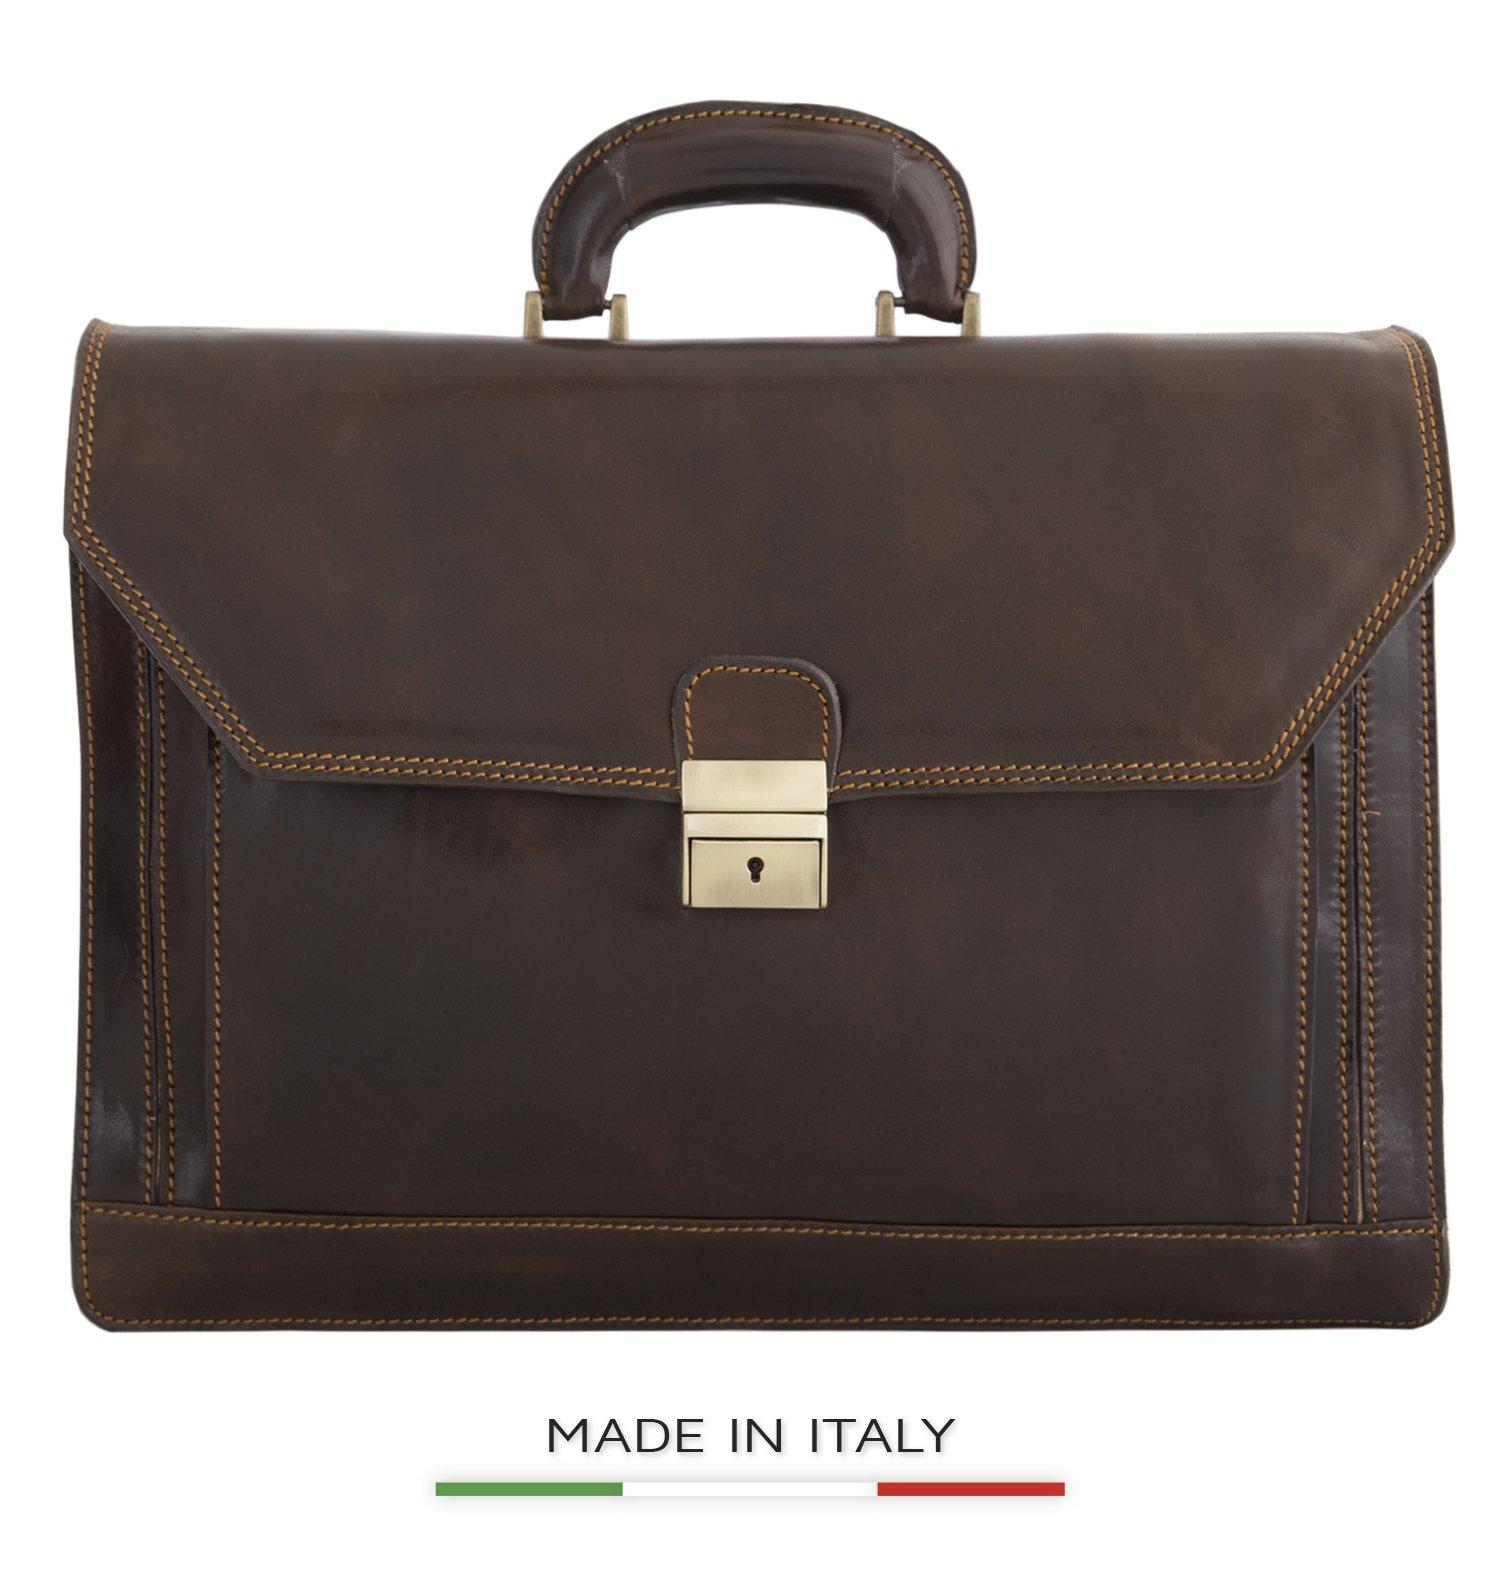 CUSTOM PERSONALIZED INITIALS ENGRAVING Alberto Bellucci Milano Capri Large Flapover Triple Compartment 16'' Laptop Briefcase - Dark Brown by Alberto Bellucci